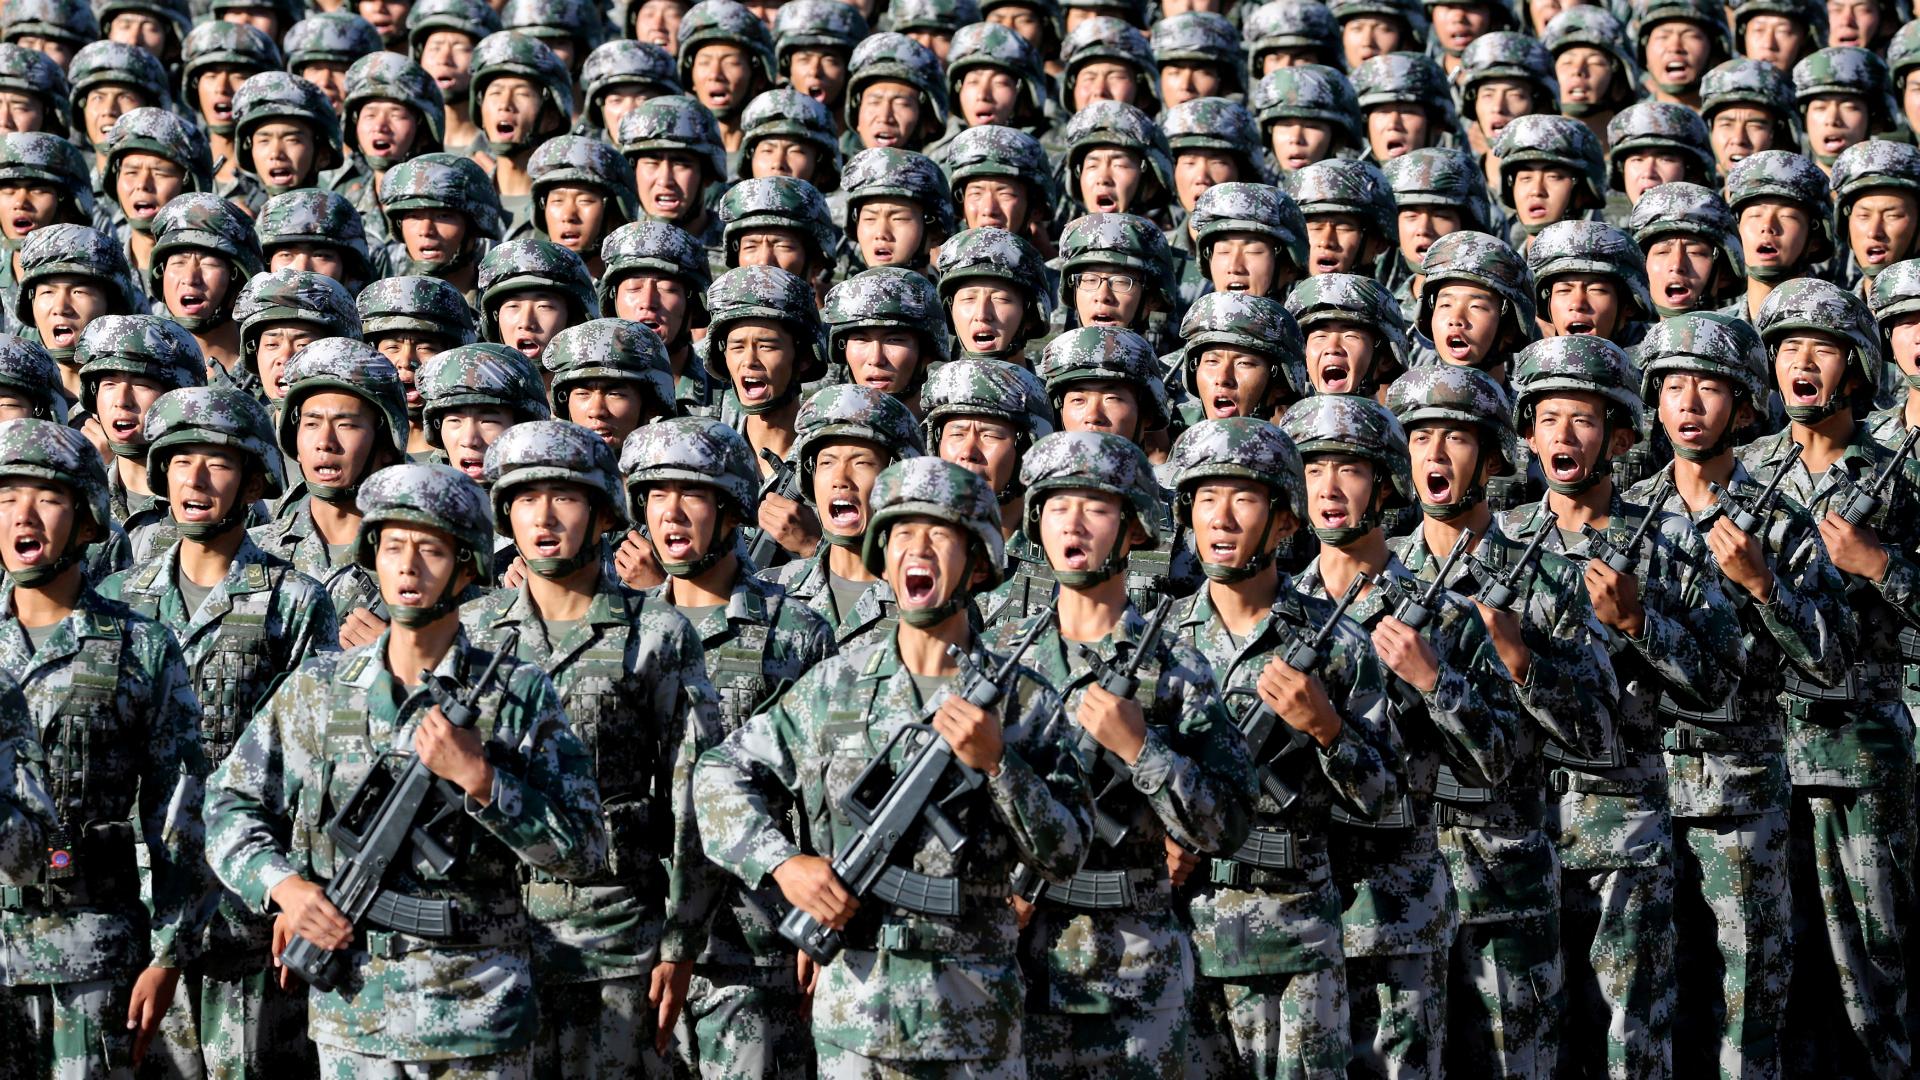 """China detalló los objetivos de su ejército, el más grande del mundo, y  advirtió a EEUU: """"La rivalidad estratégica se acentúa"""" - Infobae"""